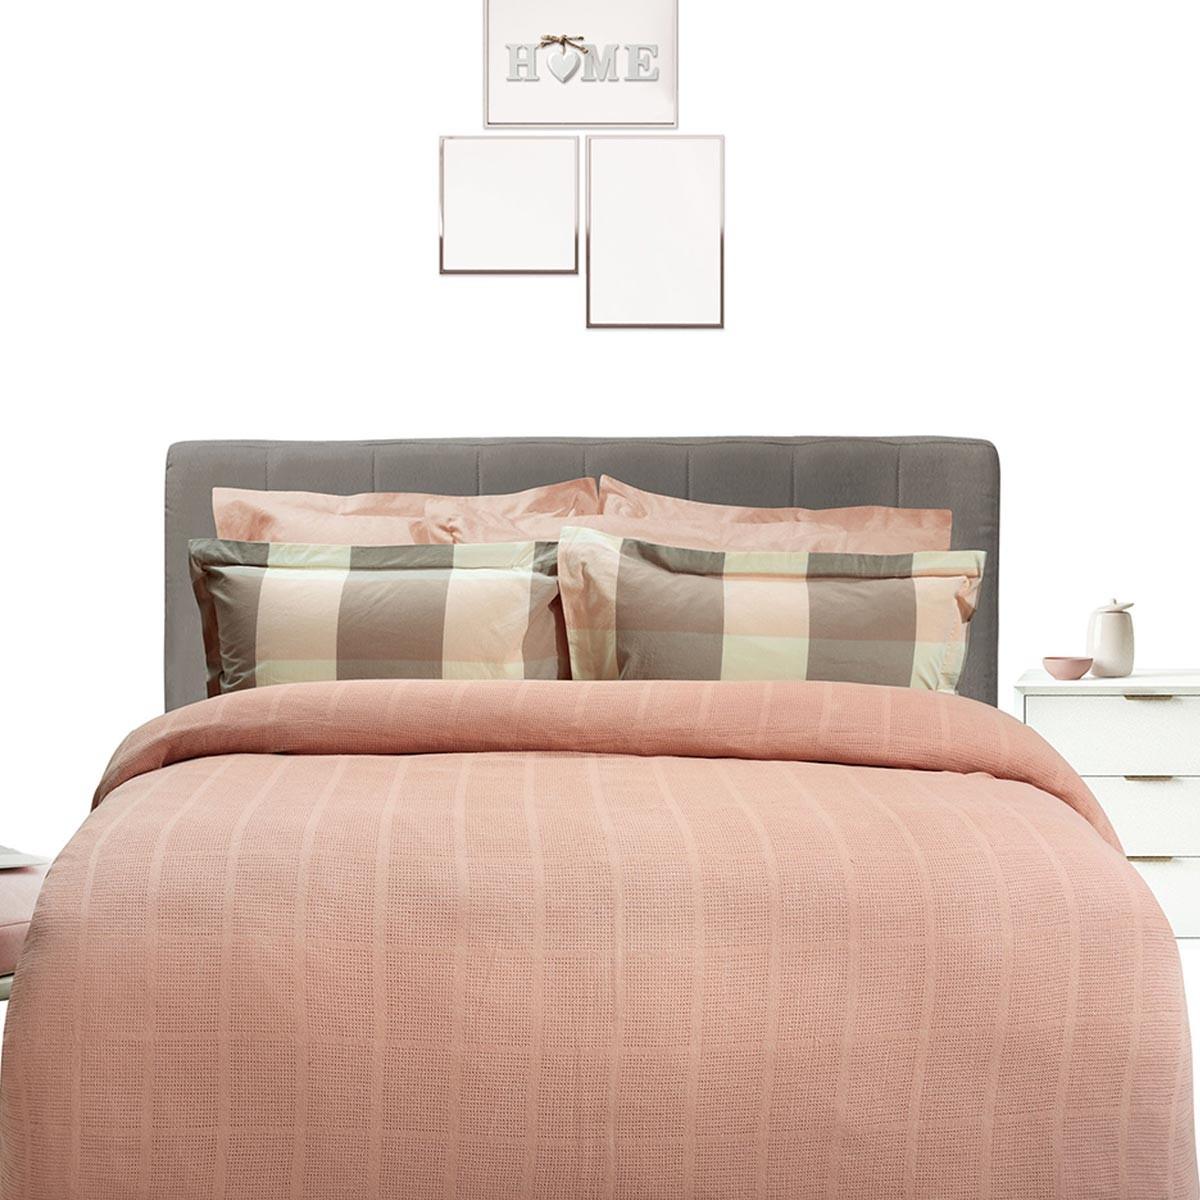 Κουβέρτα Πλεκτή Υπέρδιπλη Das Home Blanket Line 375 66586